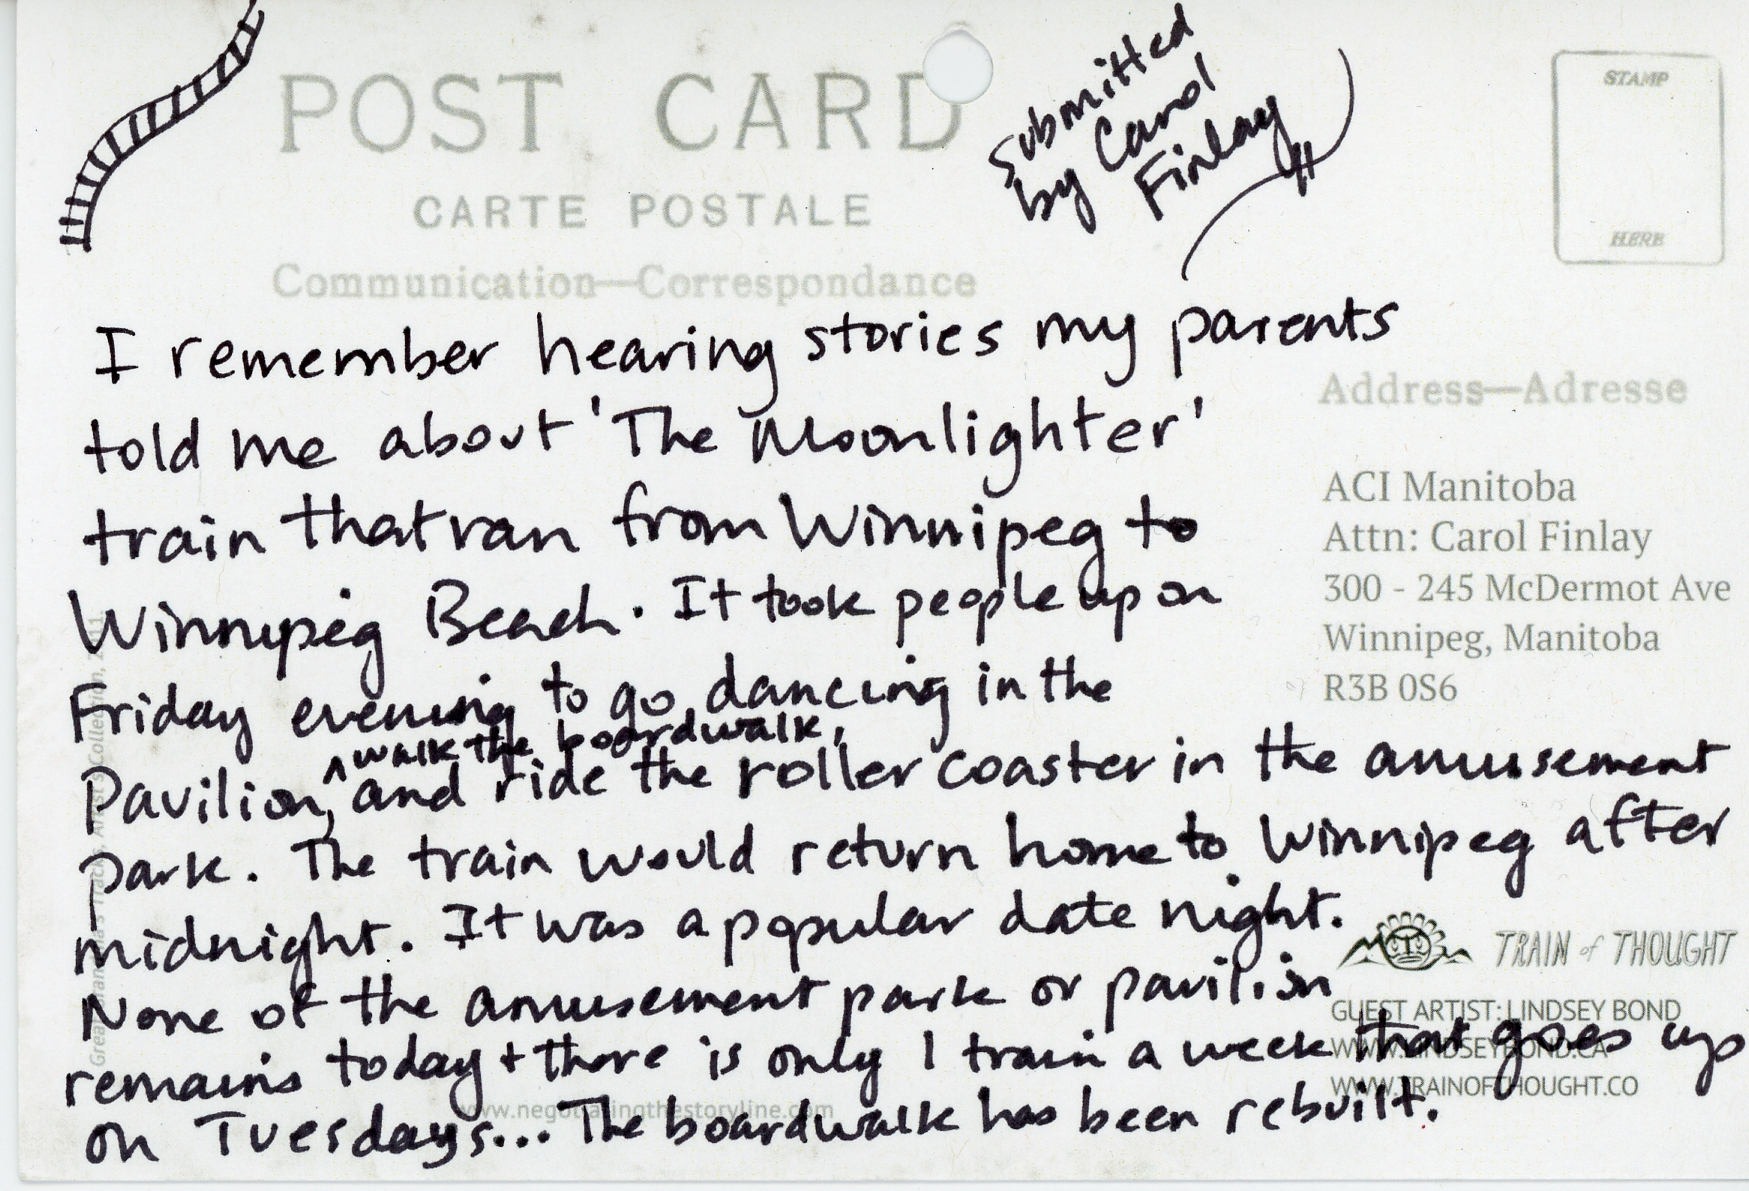 TOT_postcard023.jpg